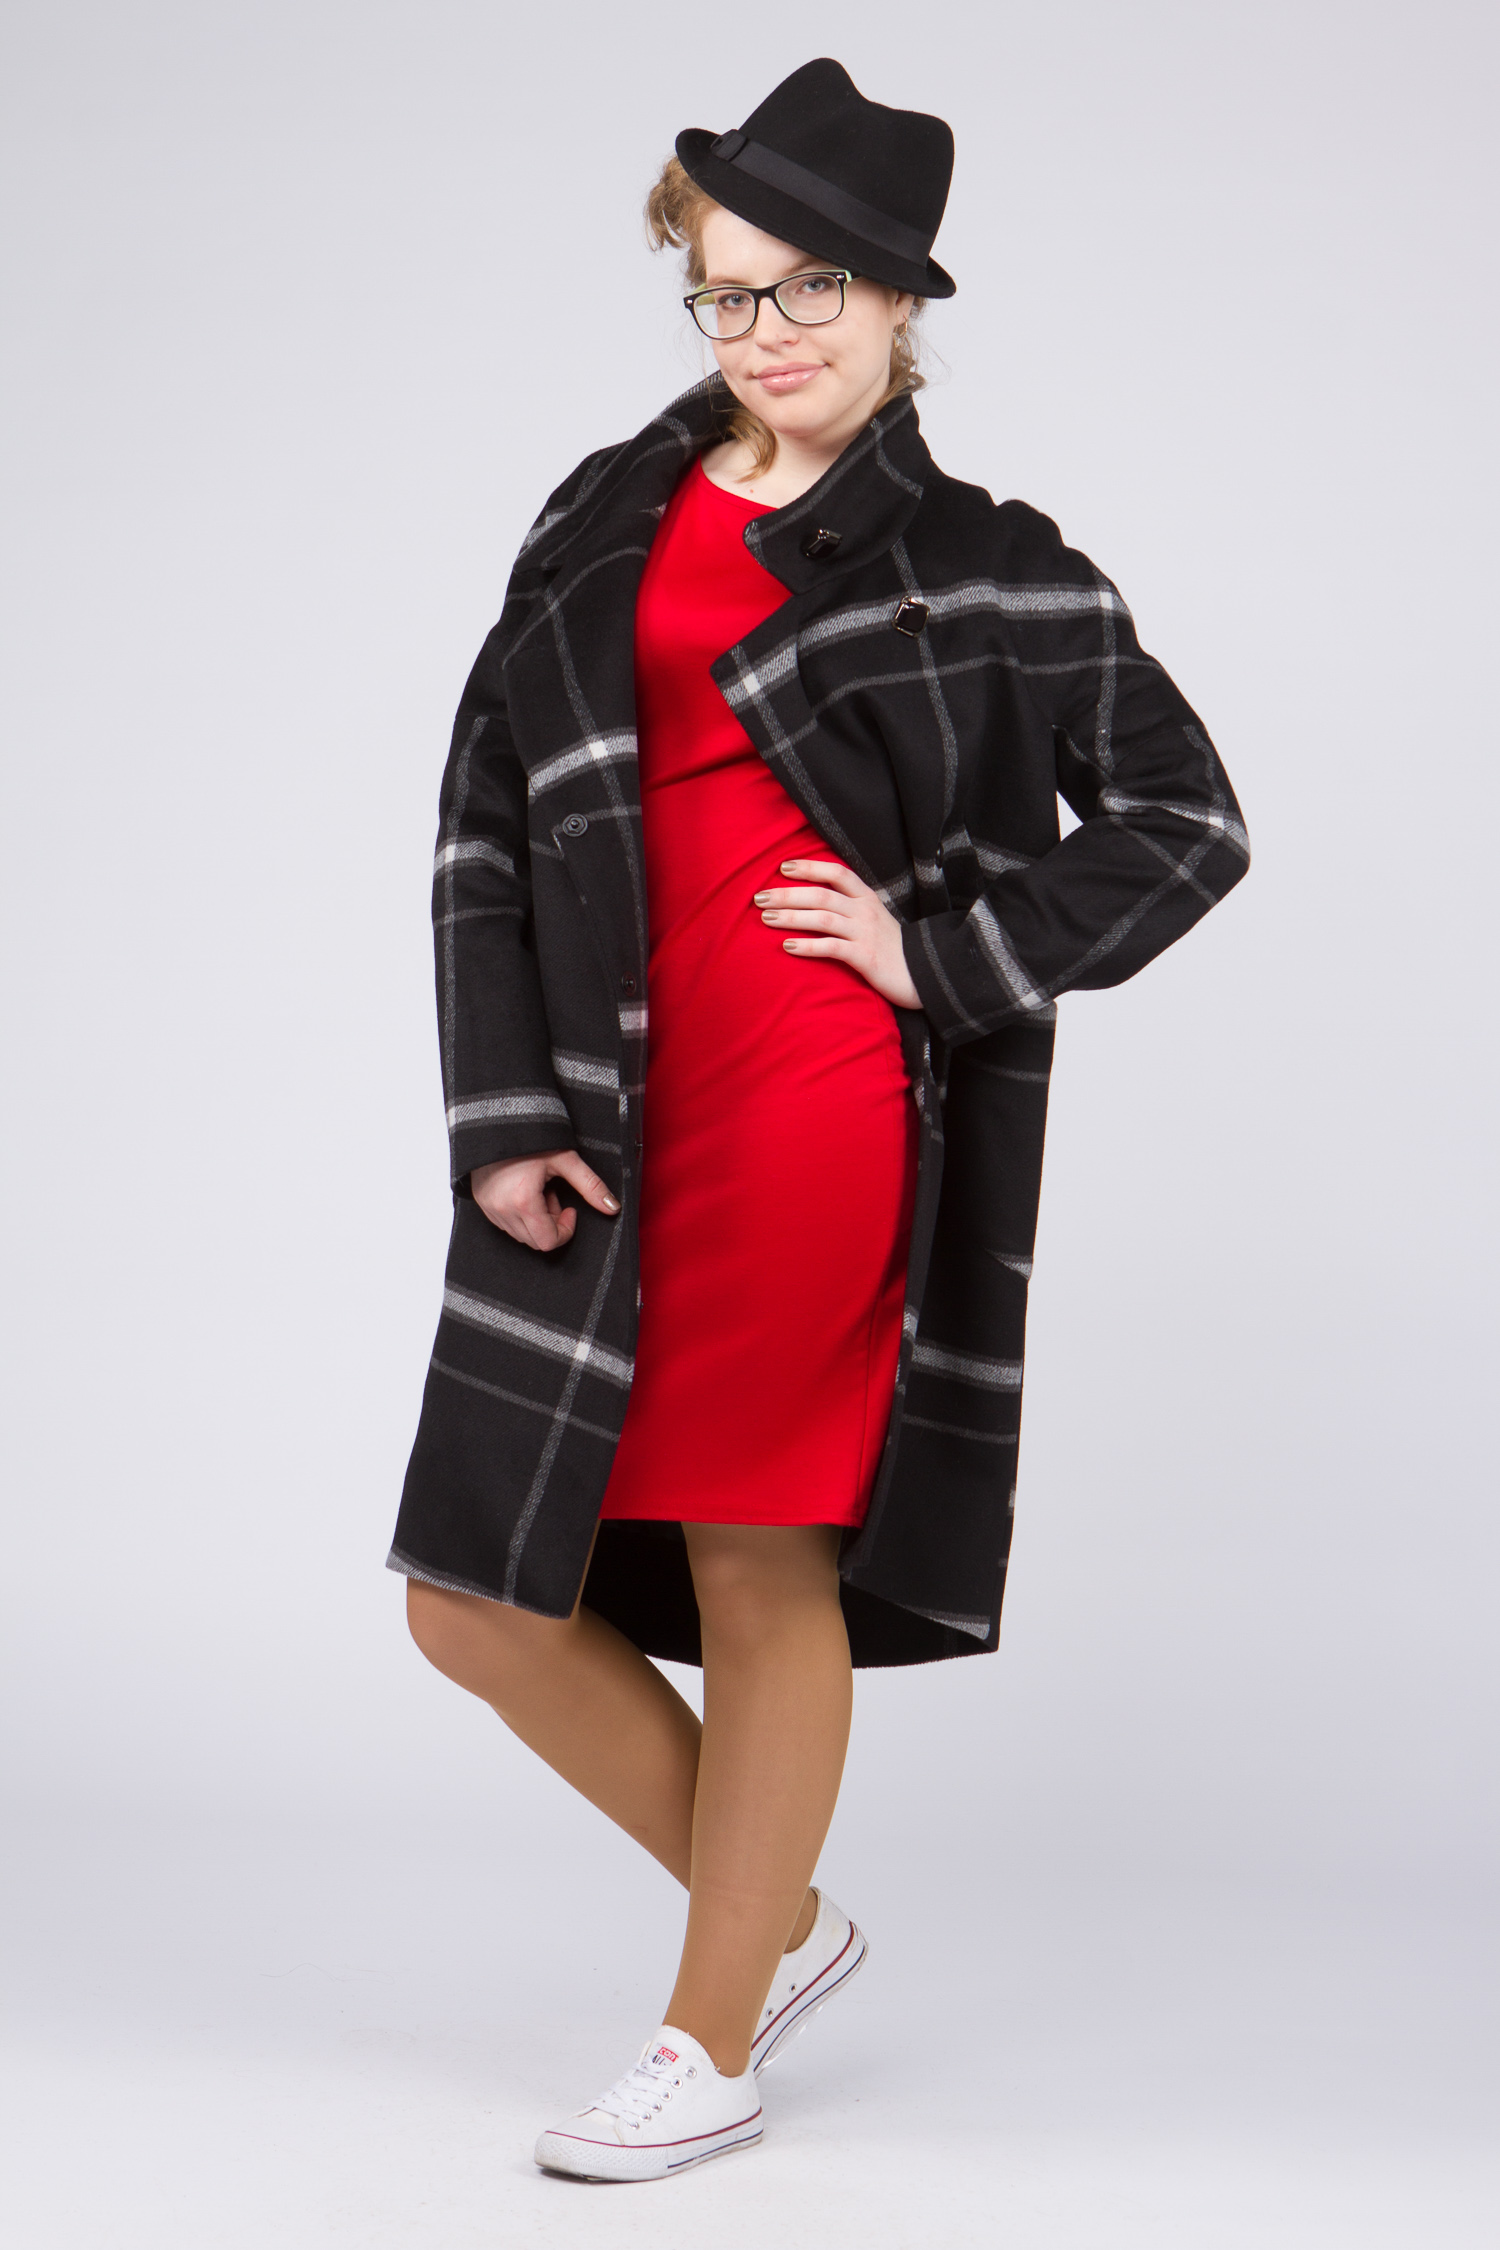 Женское пальто с воротником, без отделки. Производитель: Московская Меховая Компания, артикул: 8952